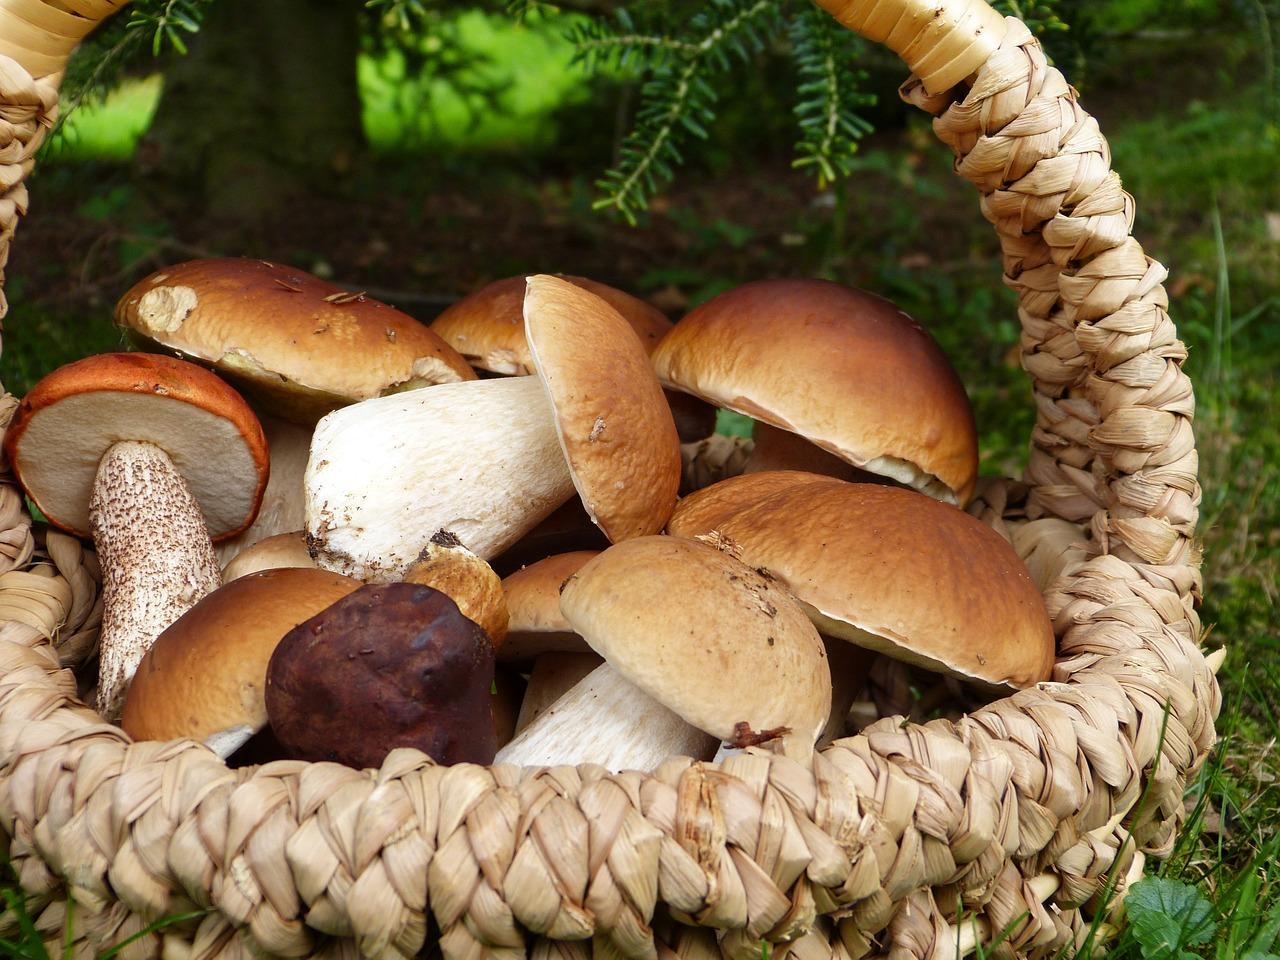 Ogromny wysyp grzybów w podkarpackich lasach. Co musisz wiedzieć o grzybobraniu? [ZDJĘCIA] - Zdjęcie główne